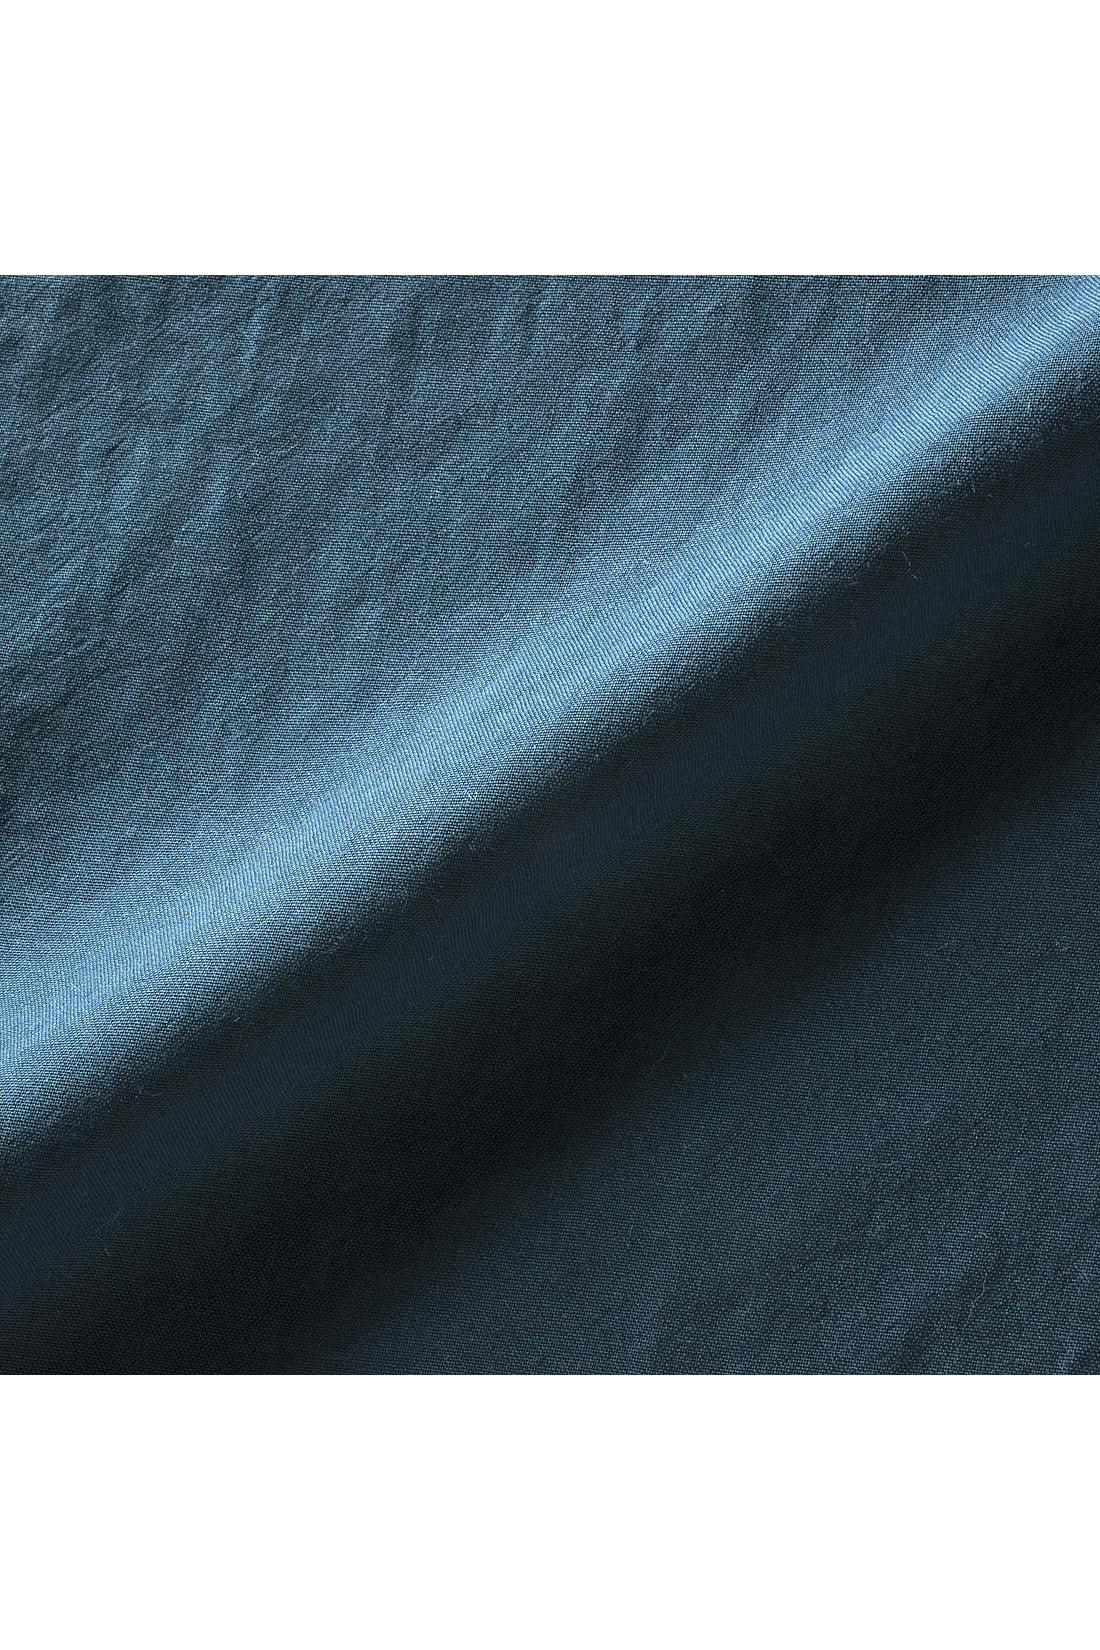 コットンタッチのさらりとしたワッシャー素材でアイロンいらず。ほのかな透け感があって軽やかな着心地。